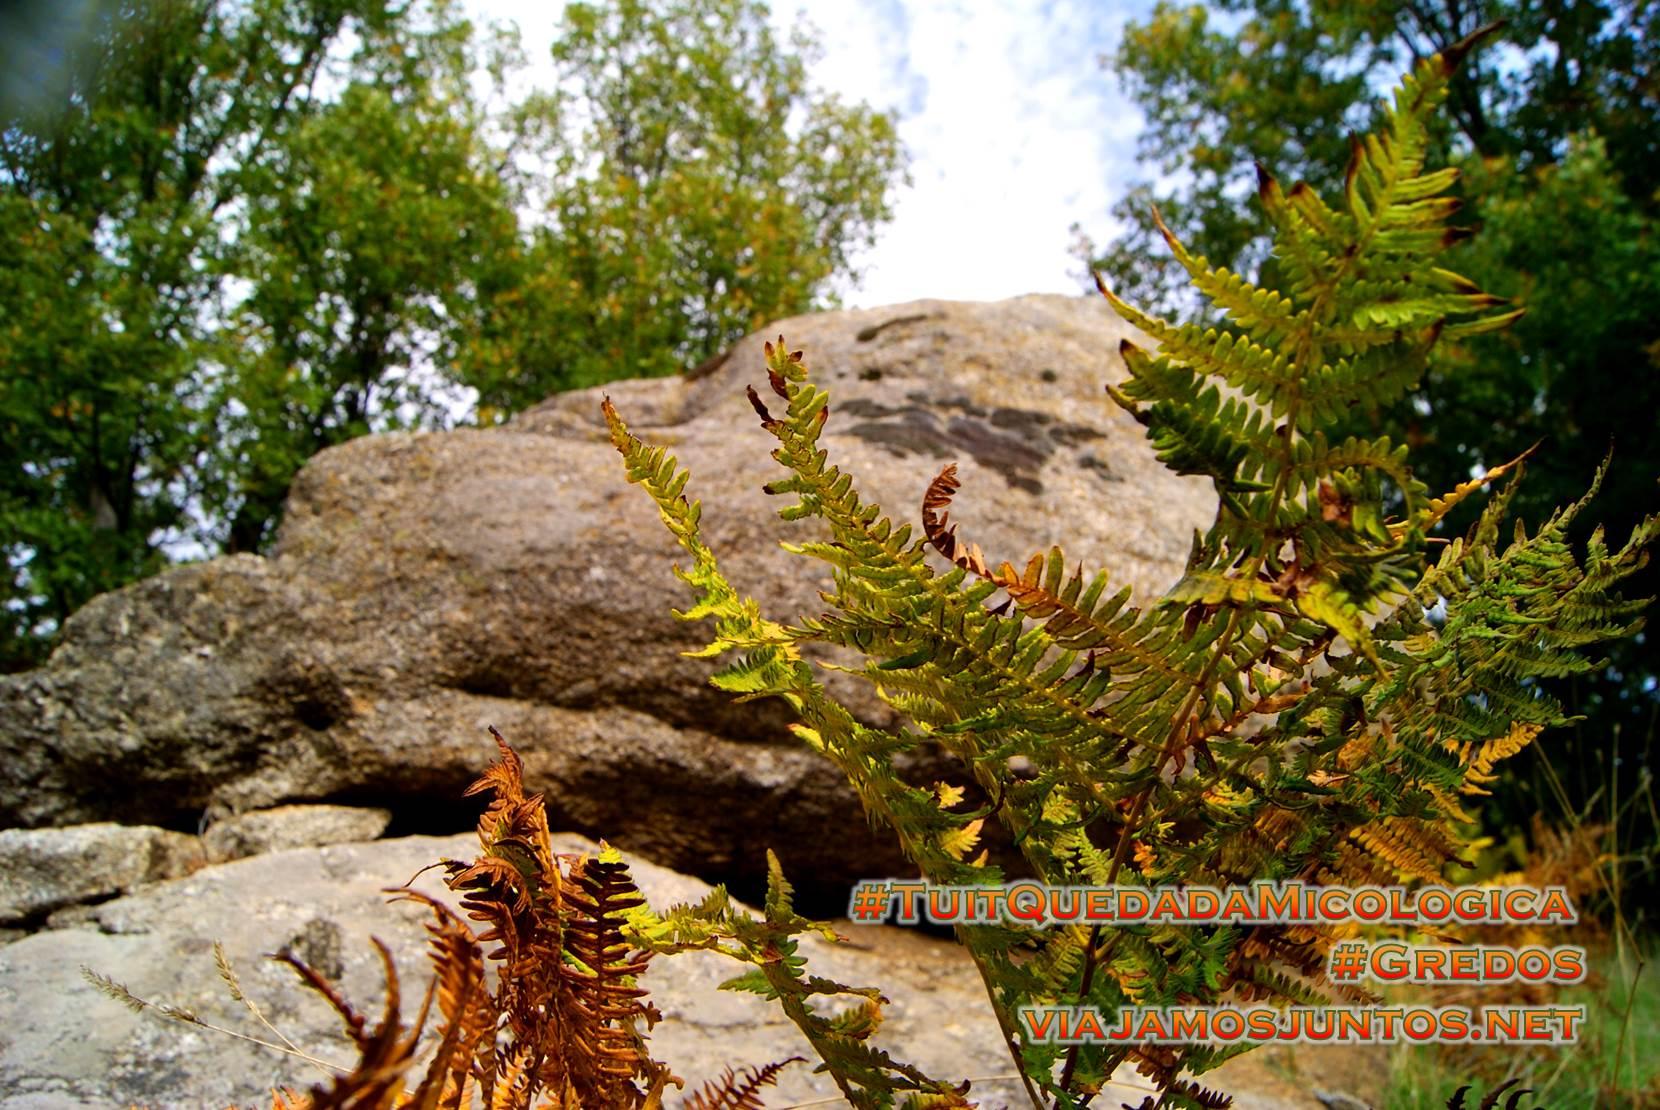 Piedra sagrada, Hoyocasero, Gredos, durante la #TuitQuedadaMicologica